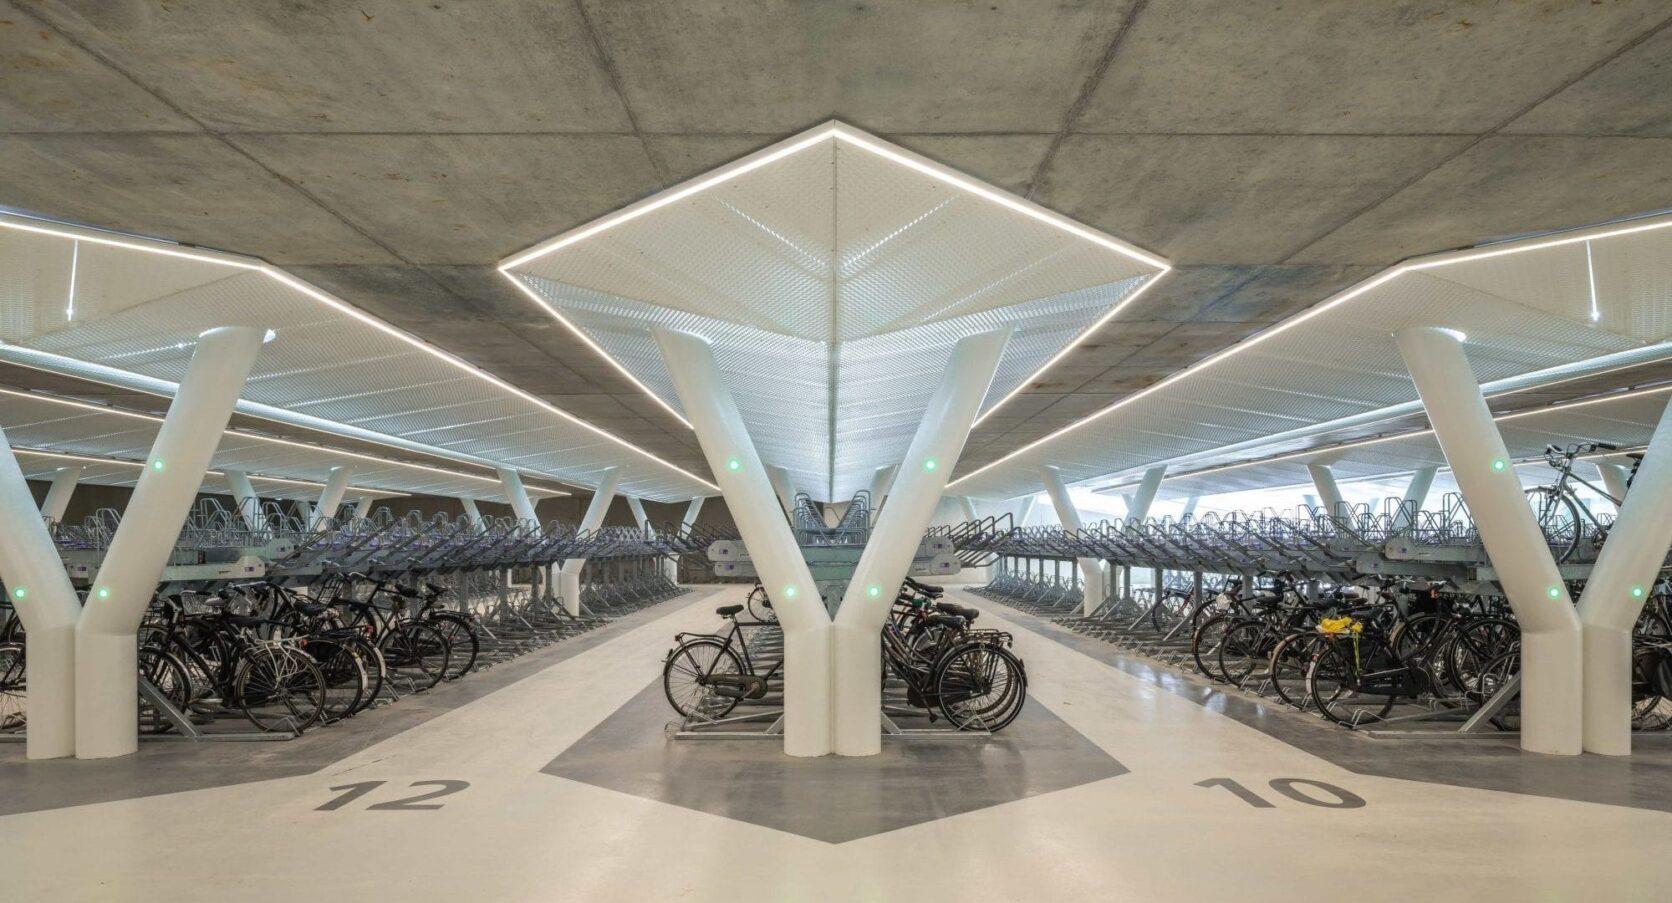 Fietsparkeergarage Vijfhoek in Amsterdam gepoedercoate panelen